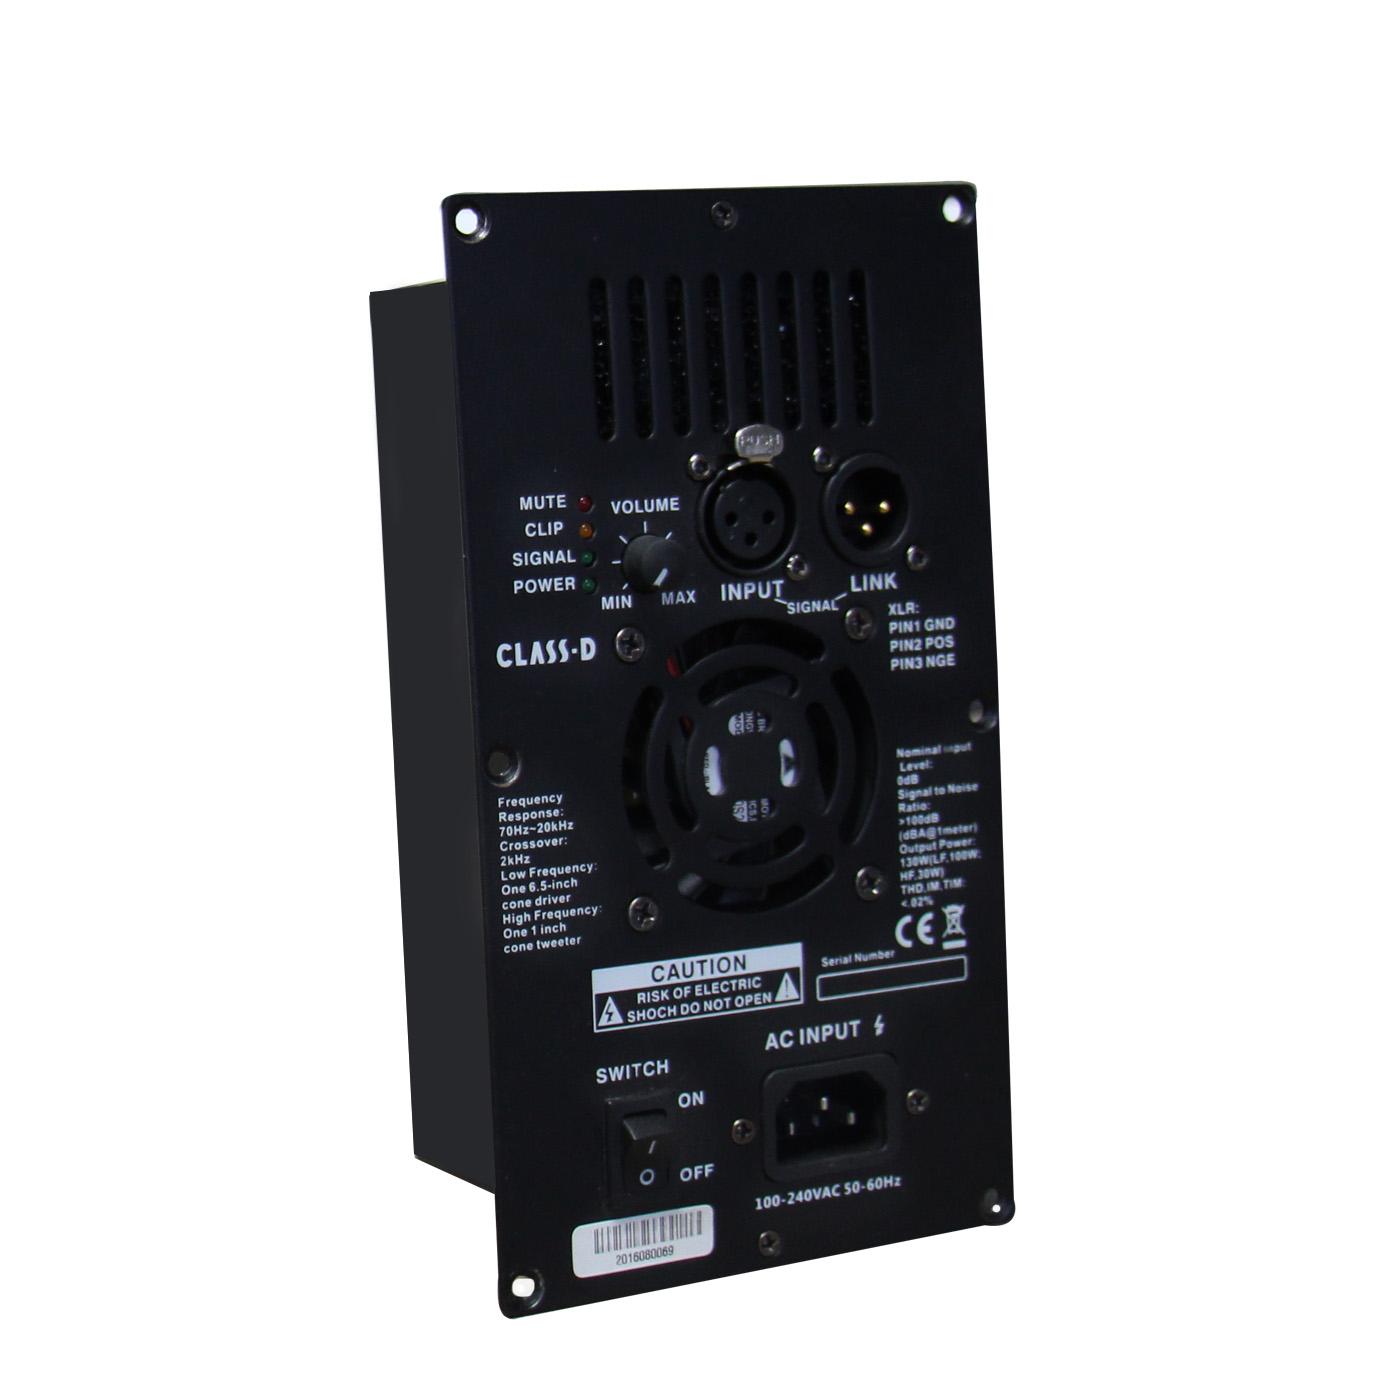 D1-150W Single Channel 150 Watts Class D Powered Module